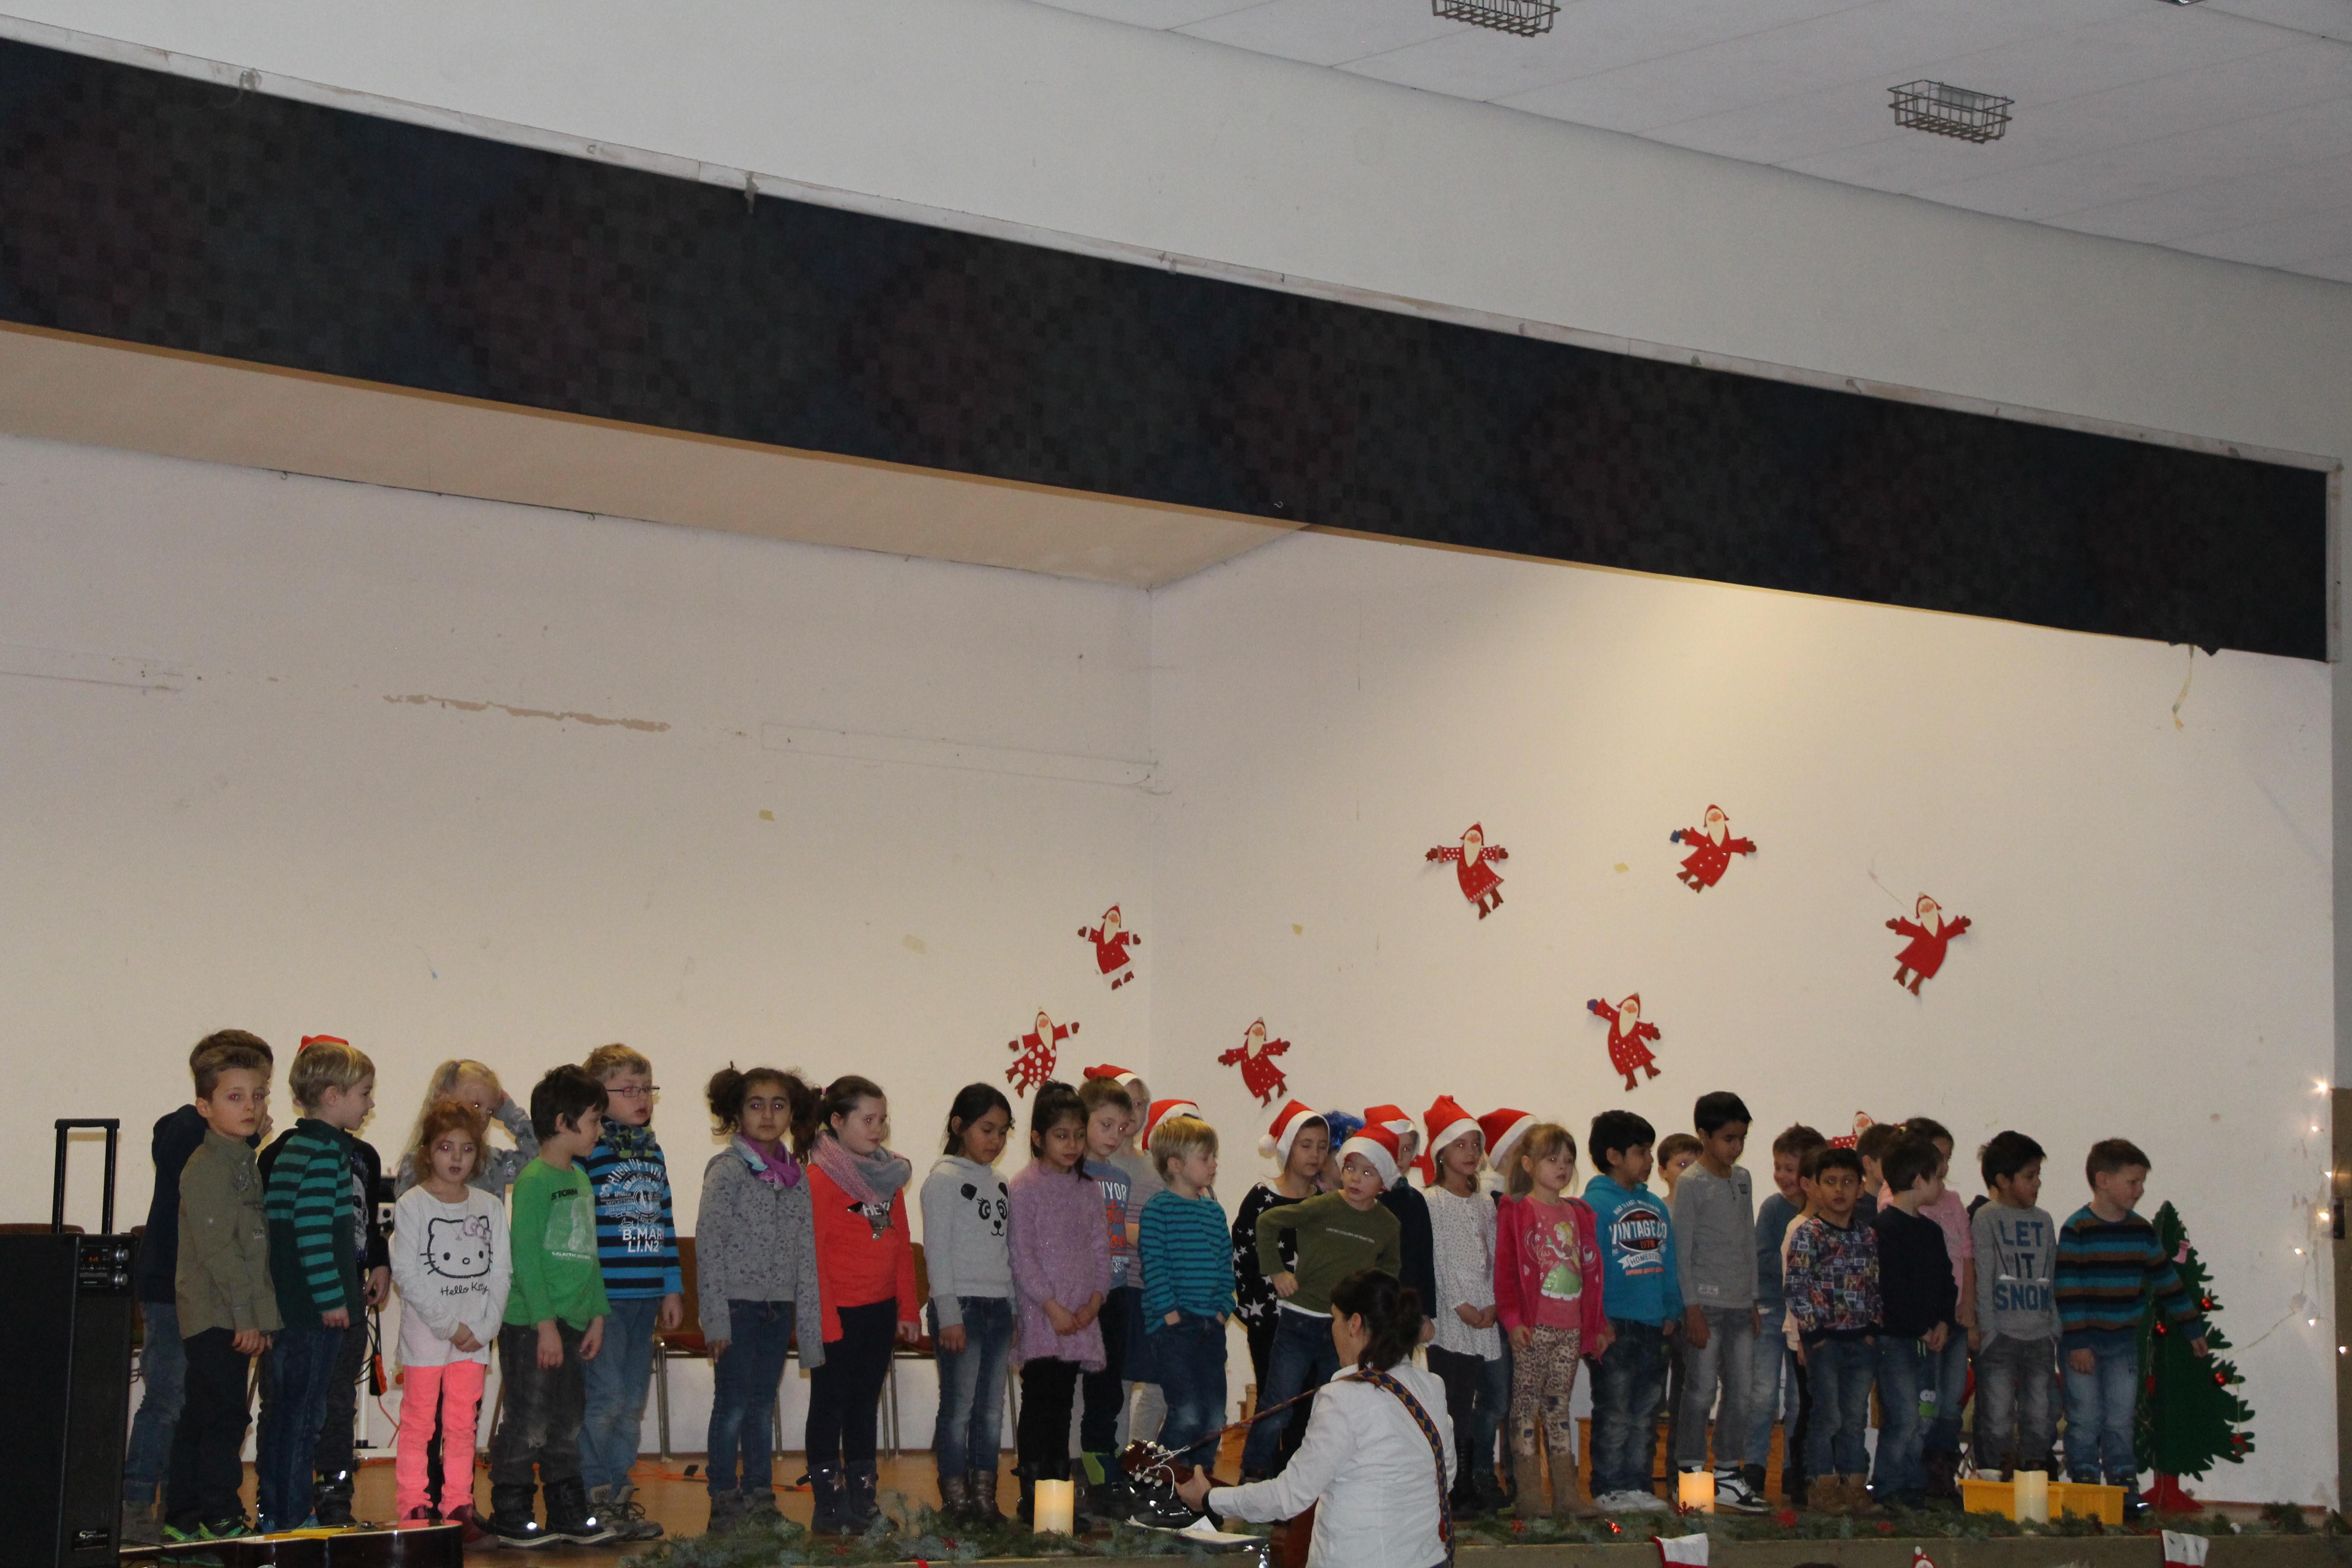 Grundschule Weihnachtsfeier.Grundschule Wilgersdorf Weihnachtsfeier